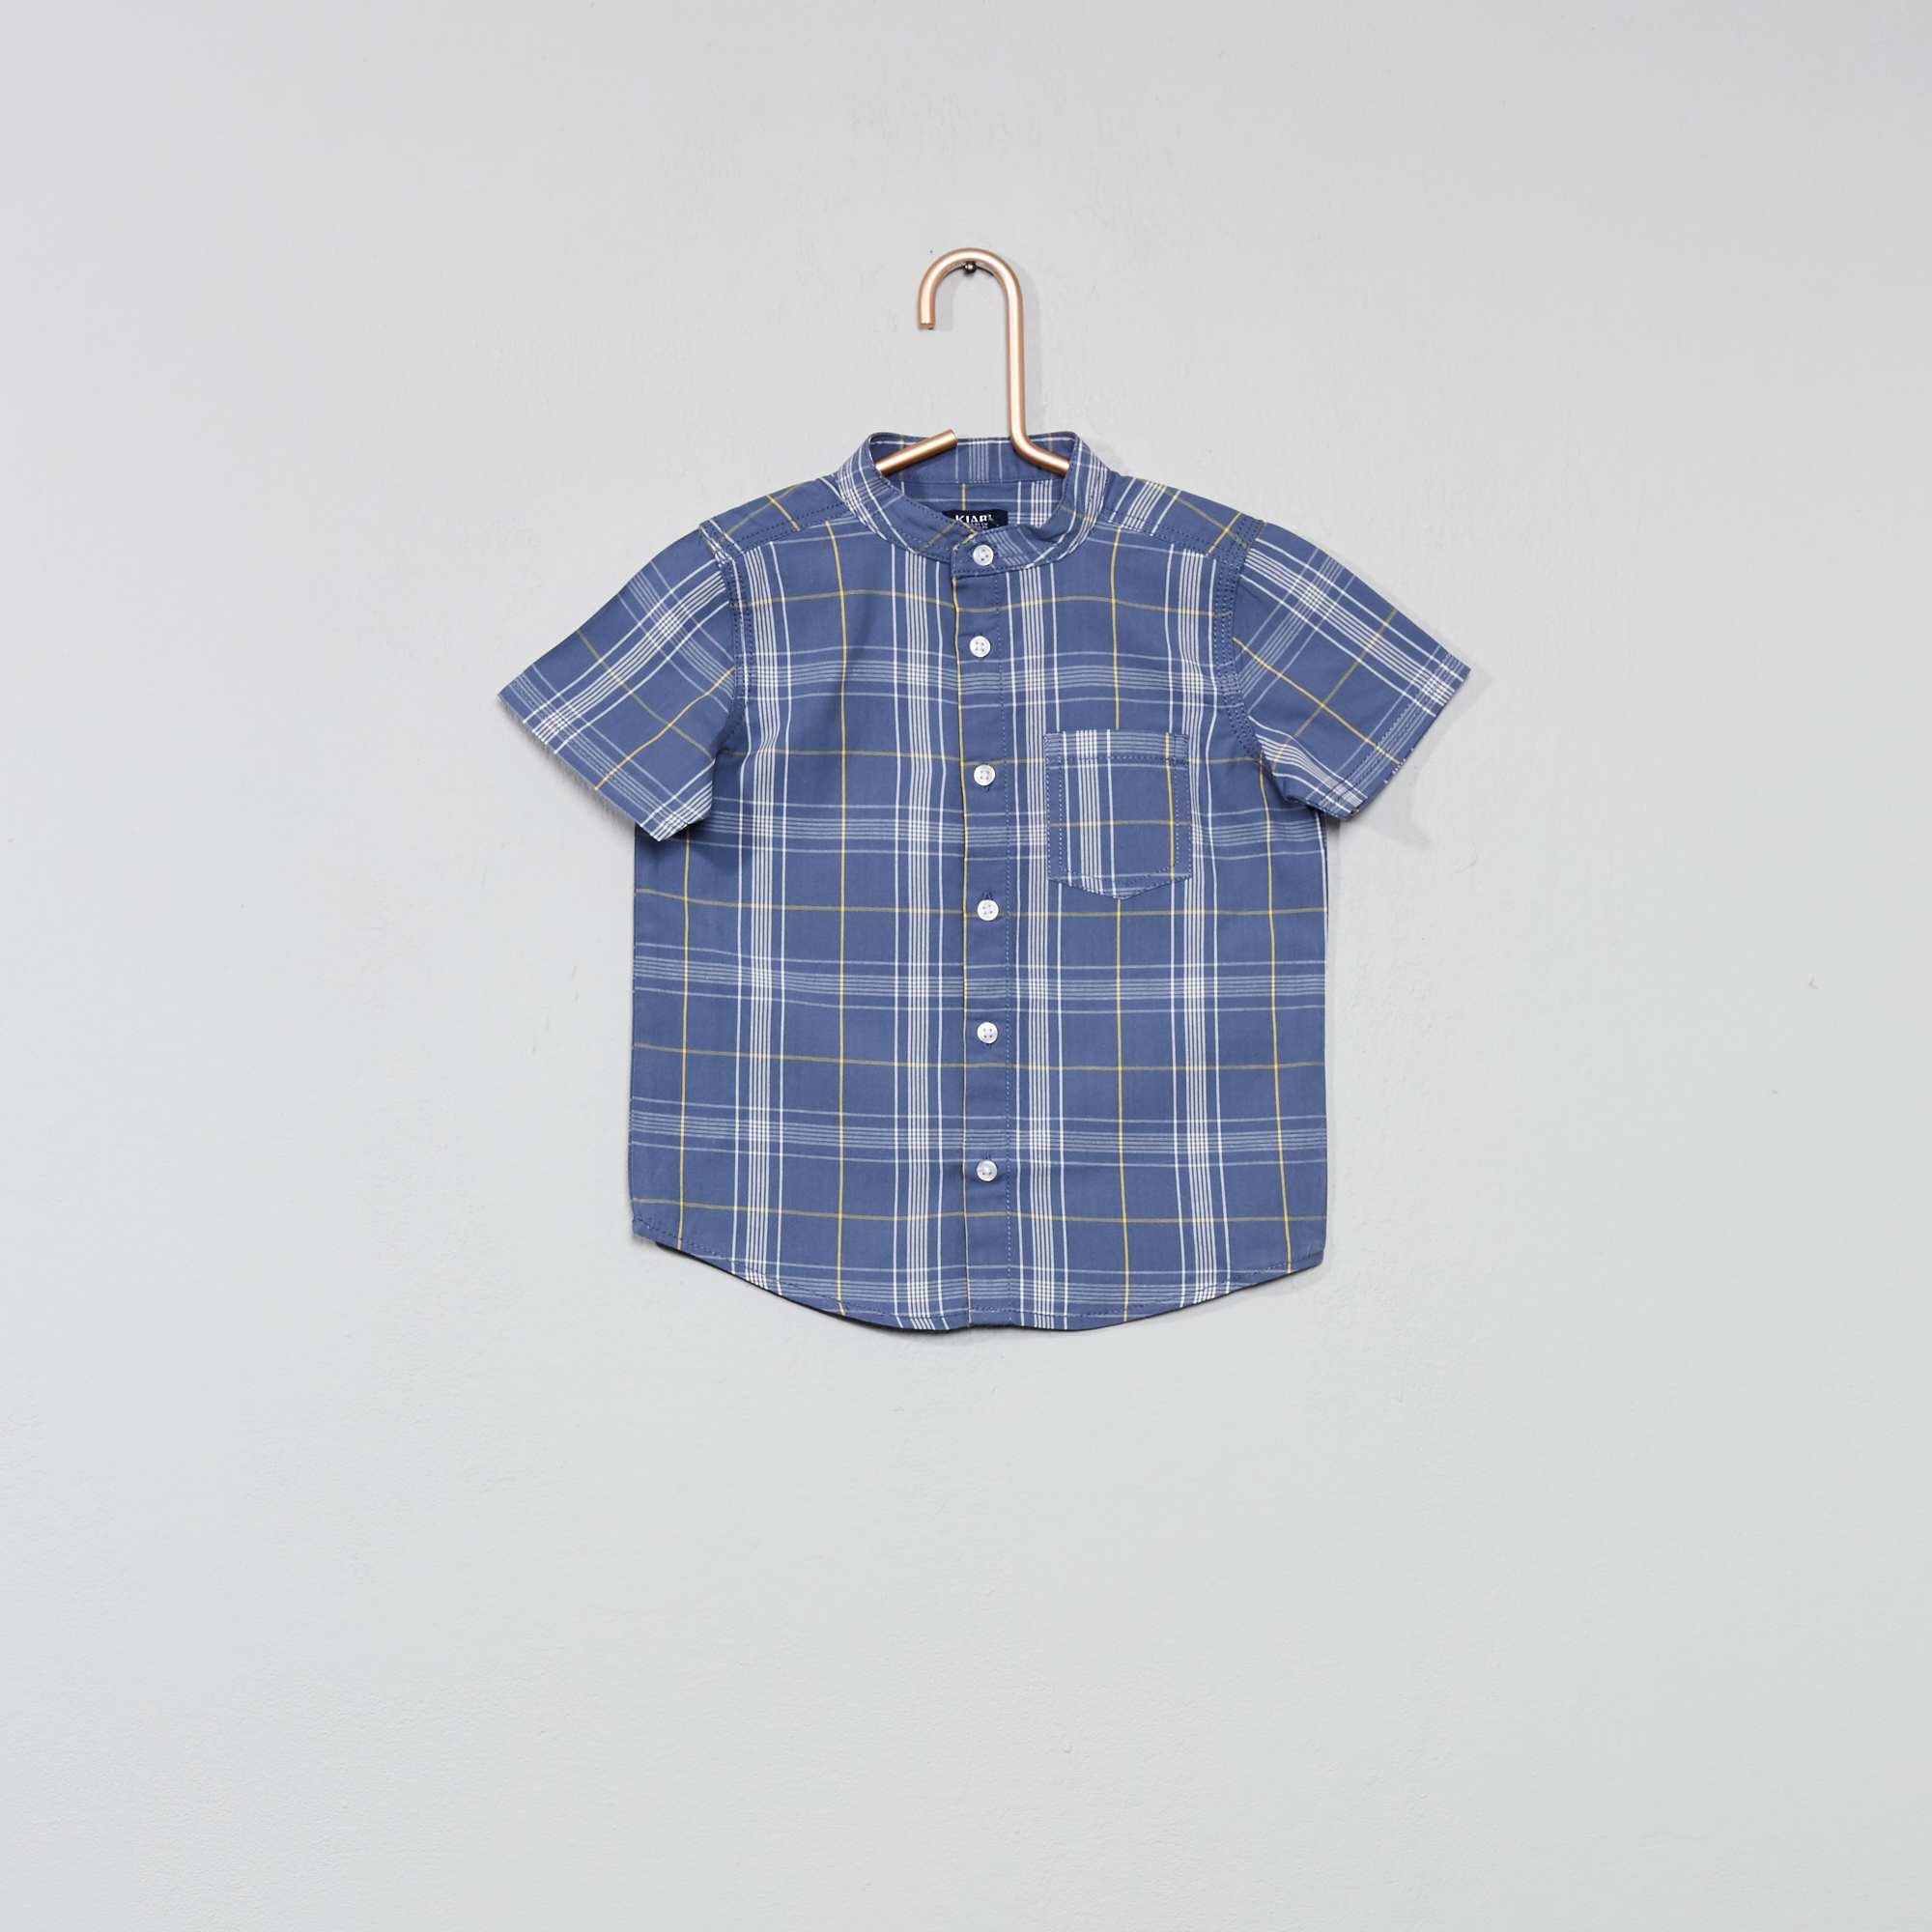 Overhemd Blauw.Geruit Overhemd Jongens Babykleding Blauw Kiabi 7 00